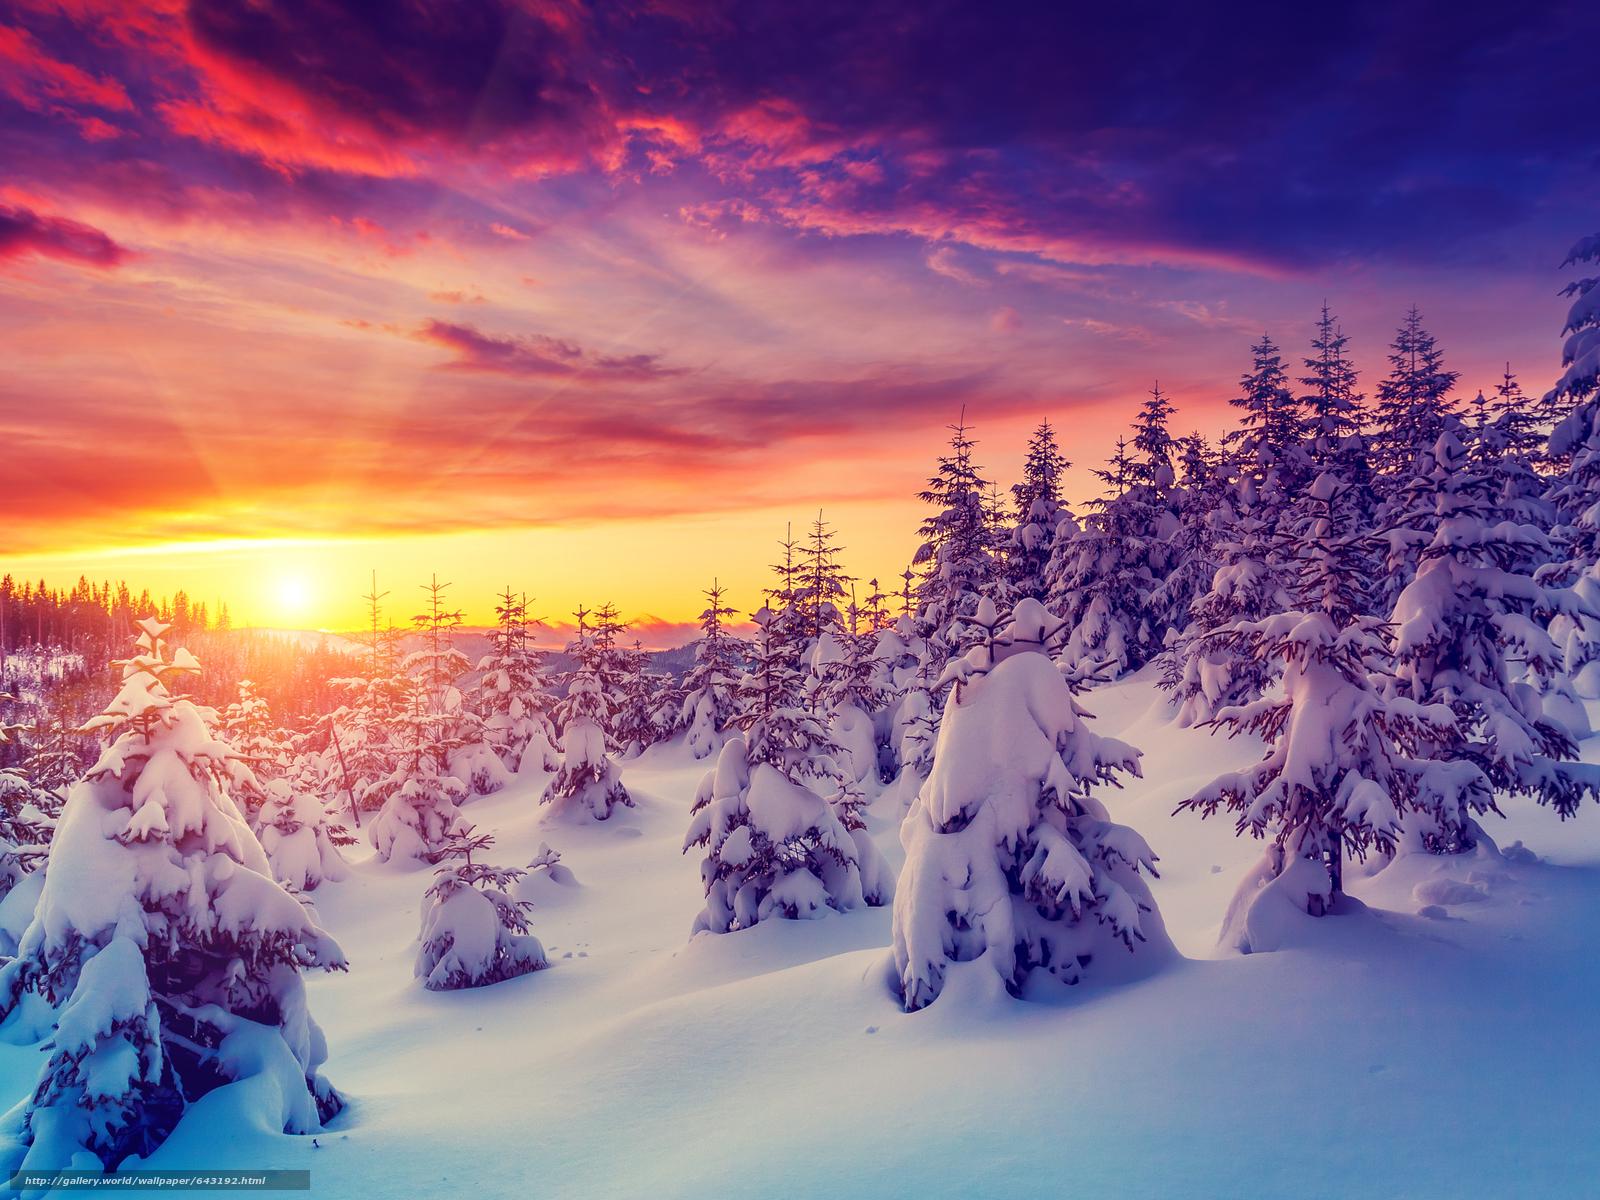 壁紙をダウンロード 冬,  日没,  雪,  木 デスクトップの解像度のための無料壁紙 3680x2760 — 絵 №643192